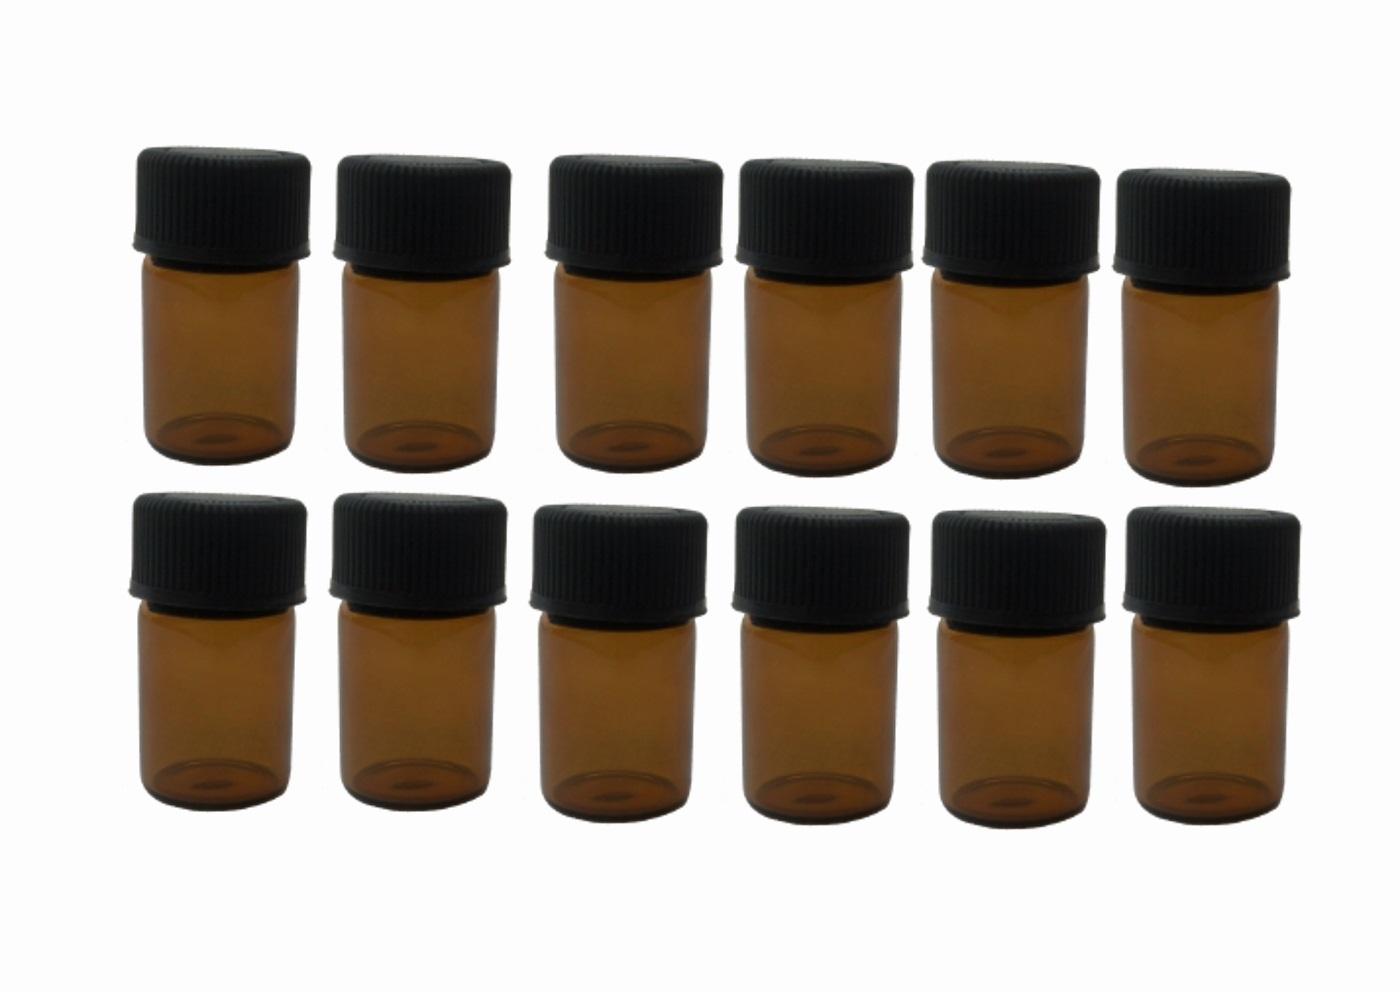 12 glass bottles on white